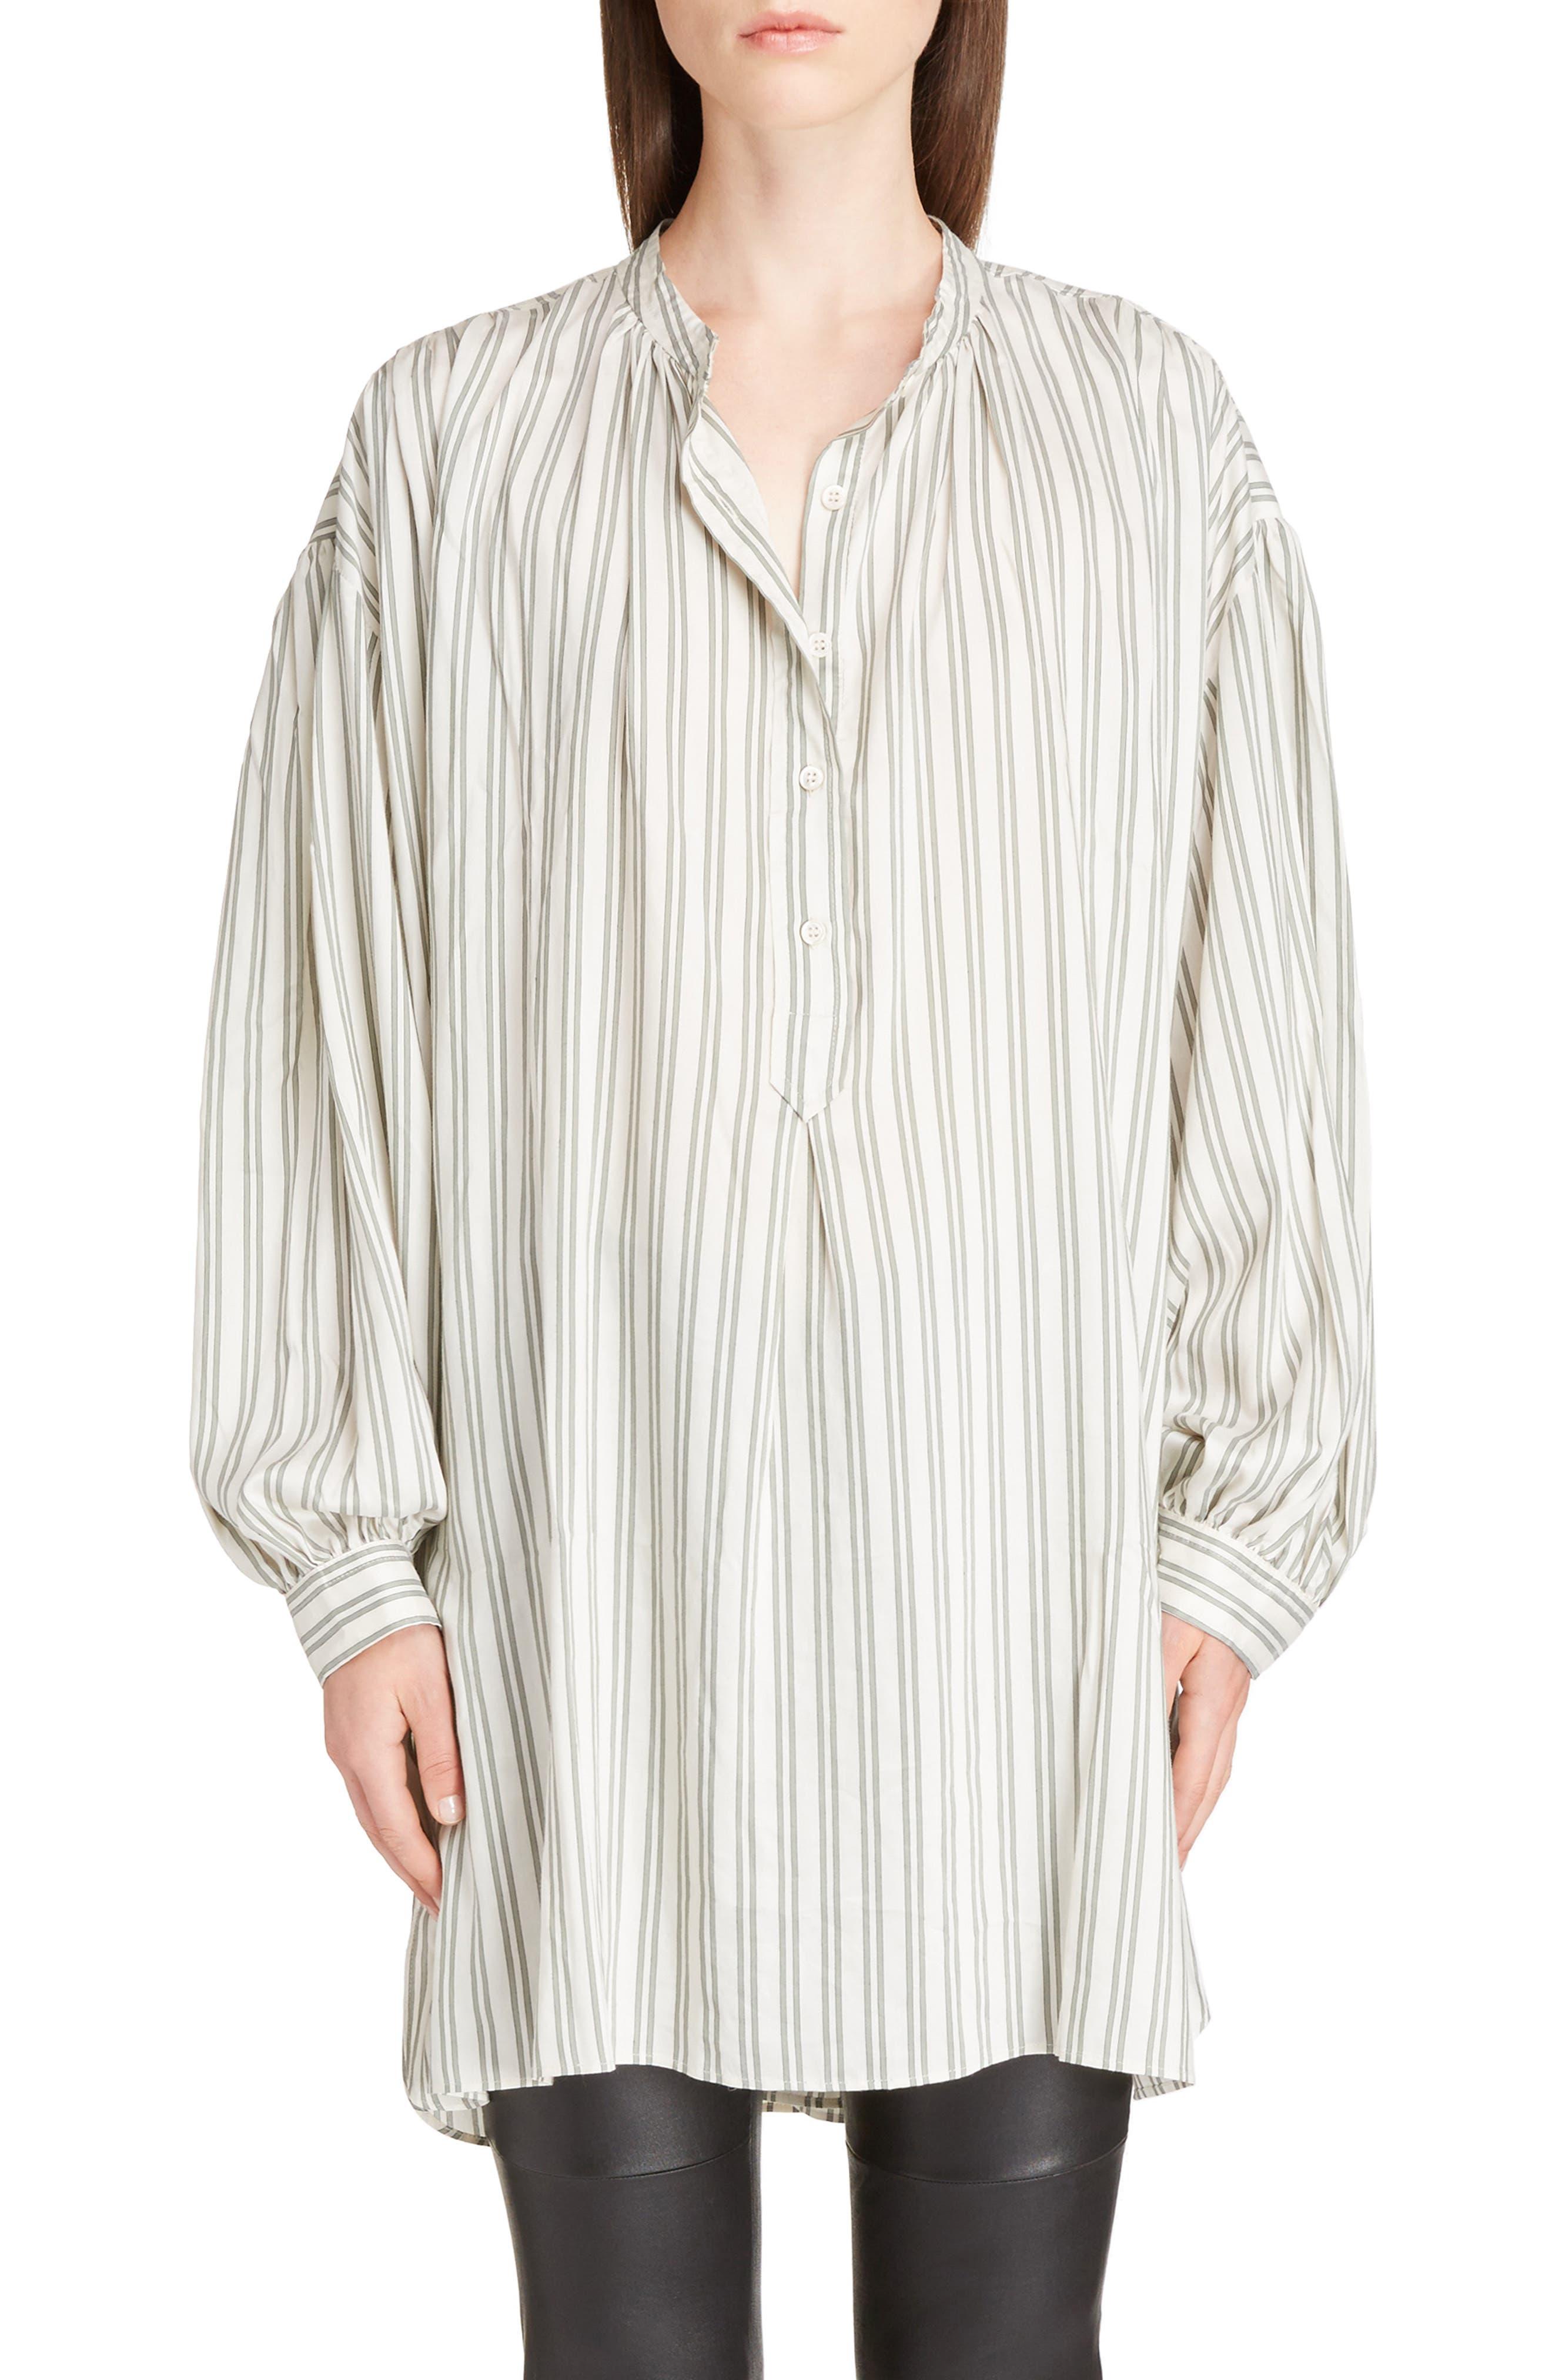 Idoa Stripe Tunic,                         Main,                         color,